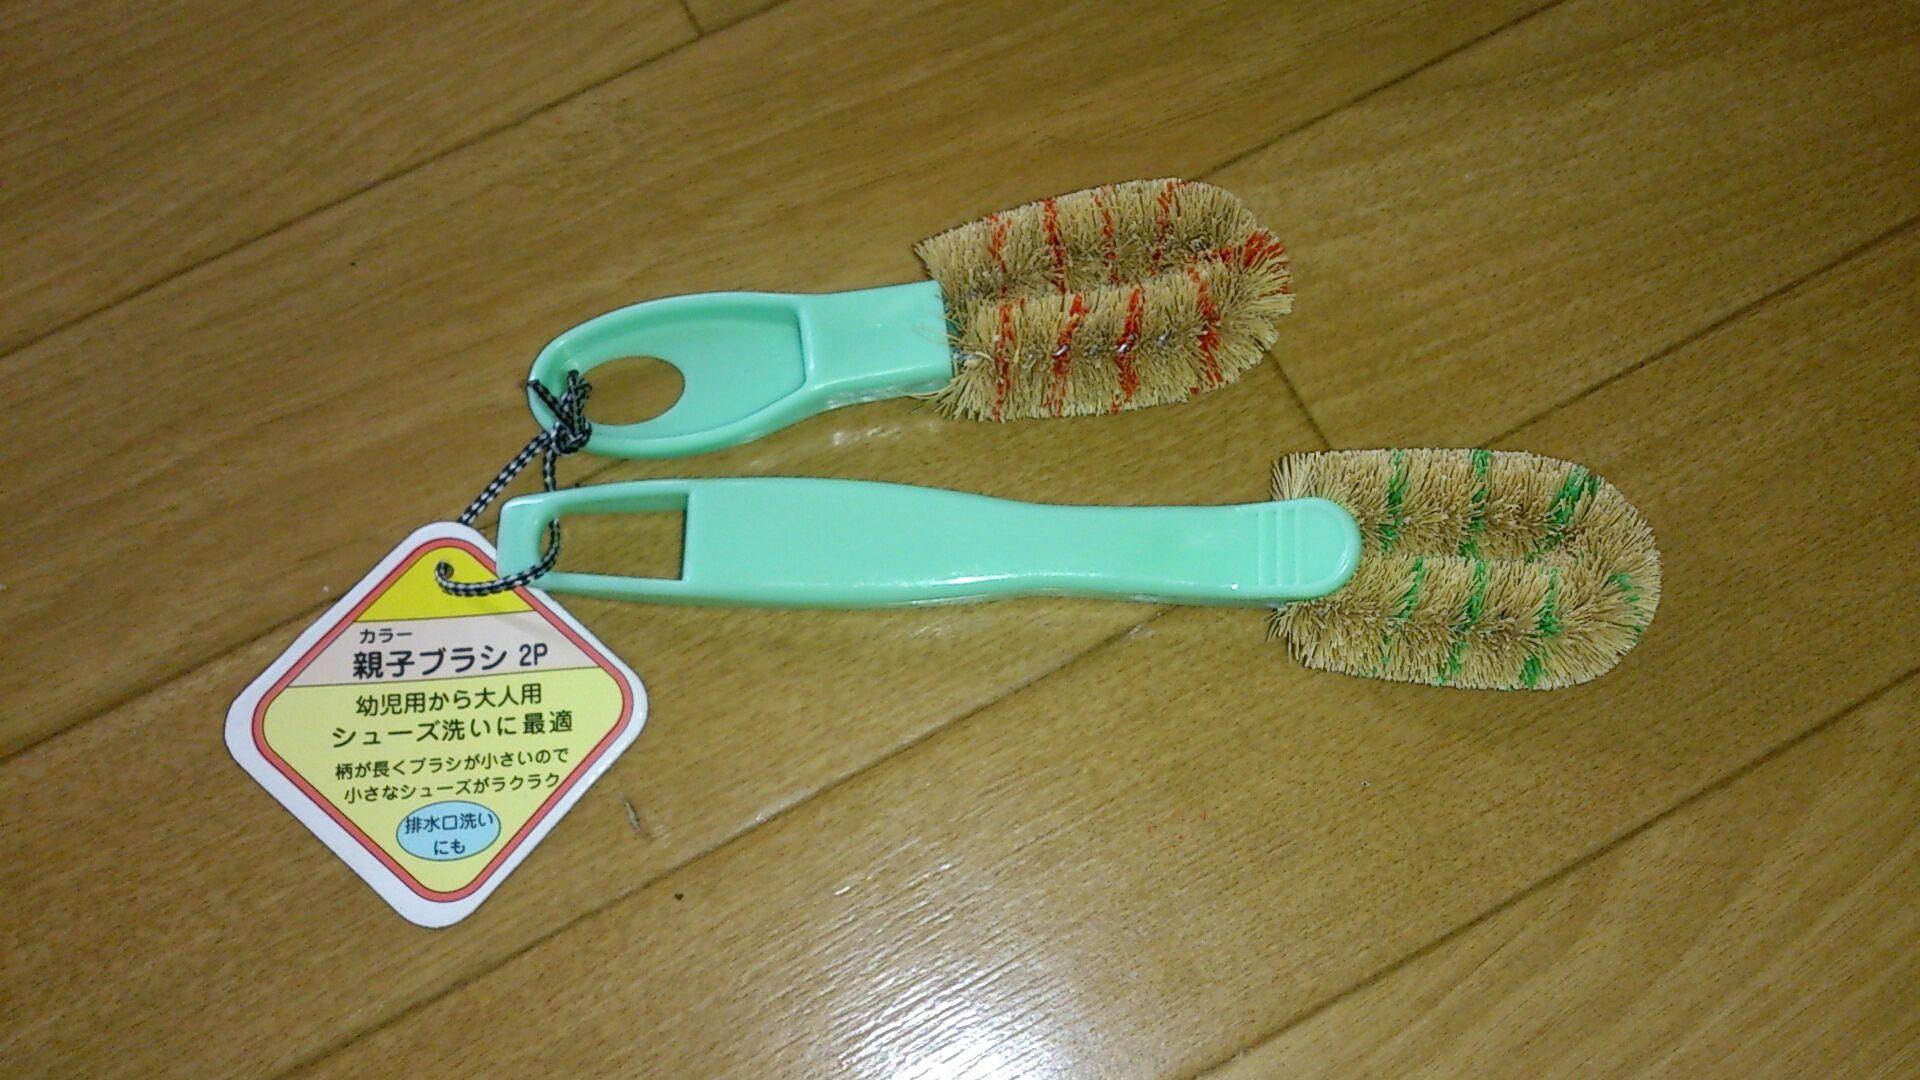 昔ながらの靴洗いブラシです。ただ、ブラシがとても小さくて、使いやすそうです。